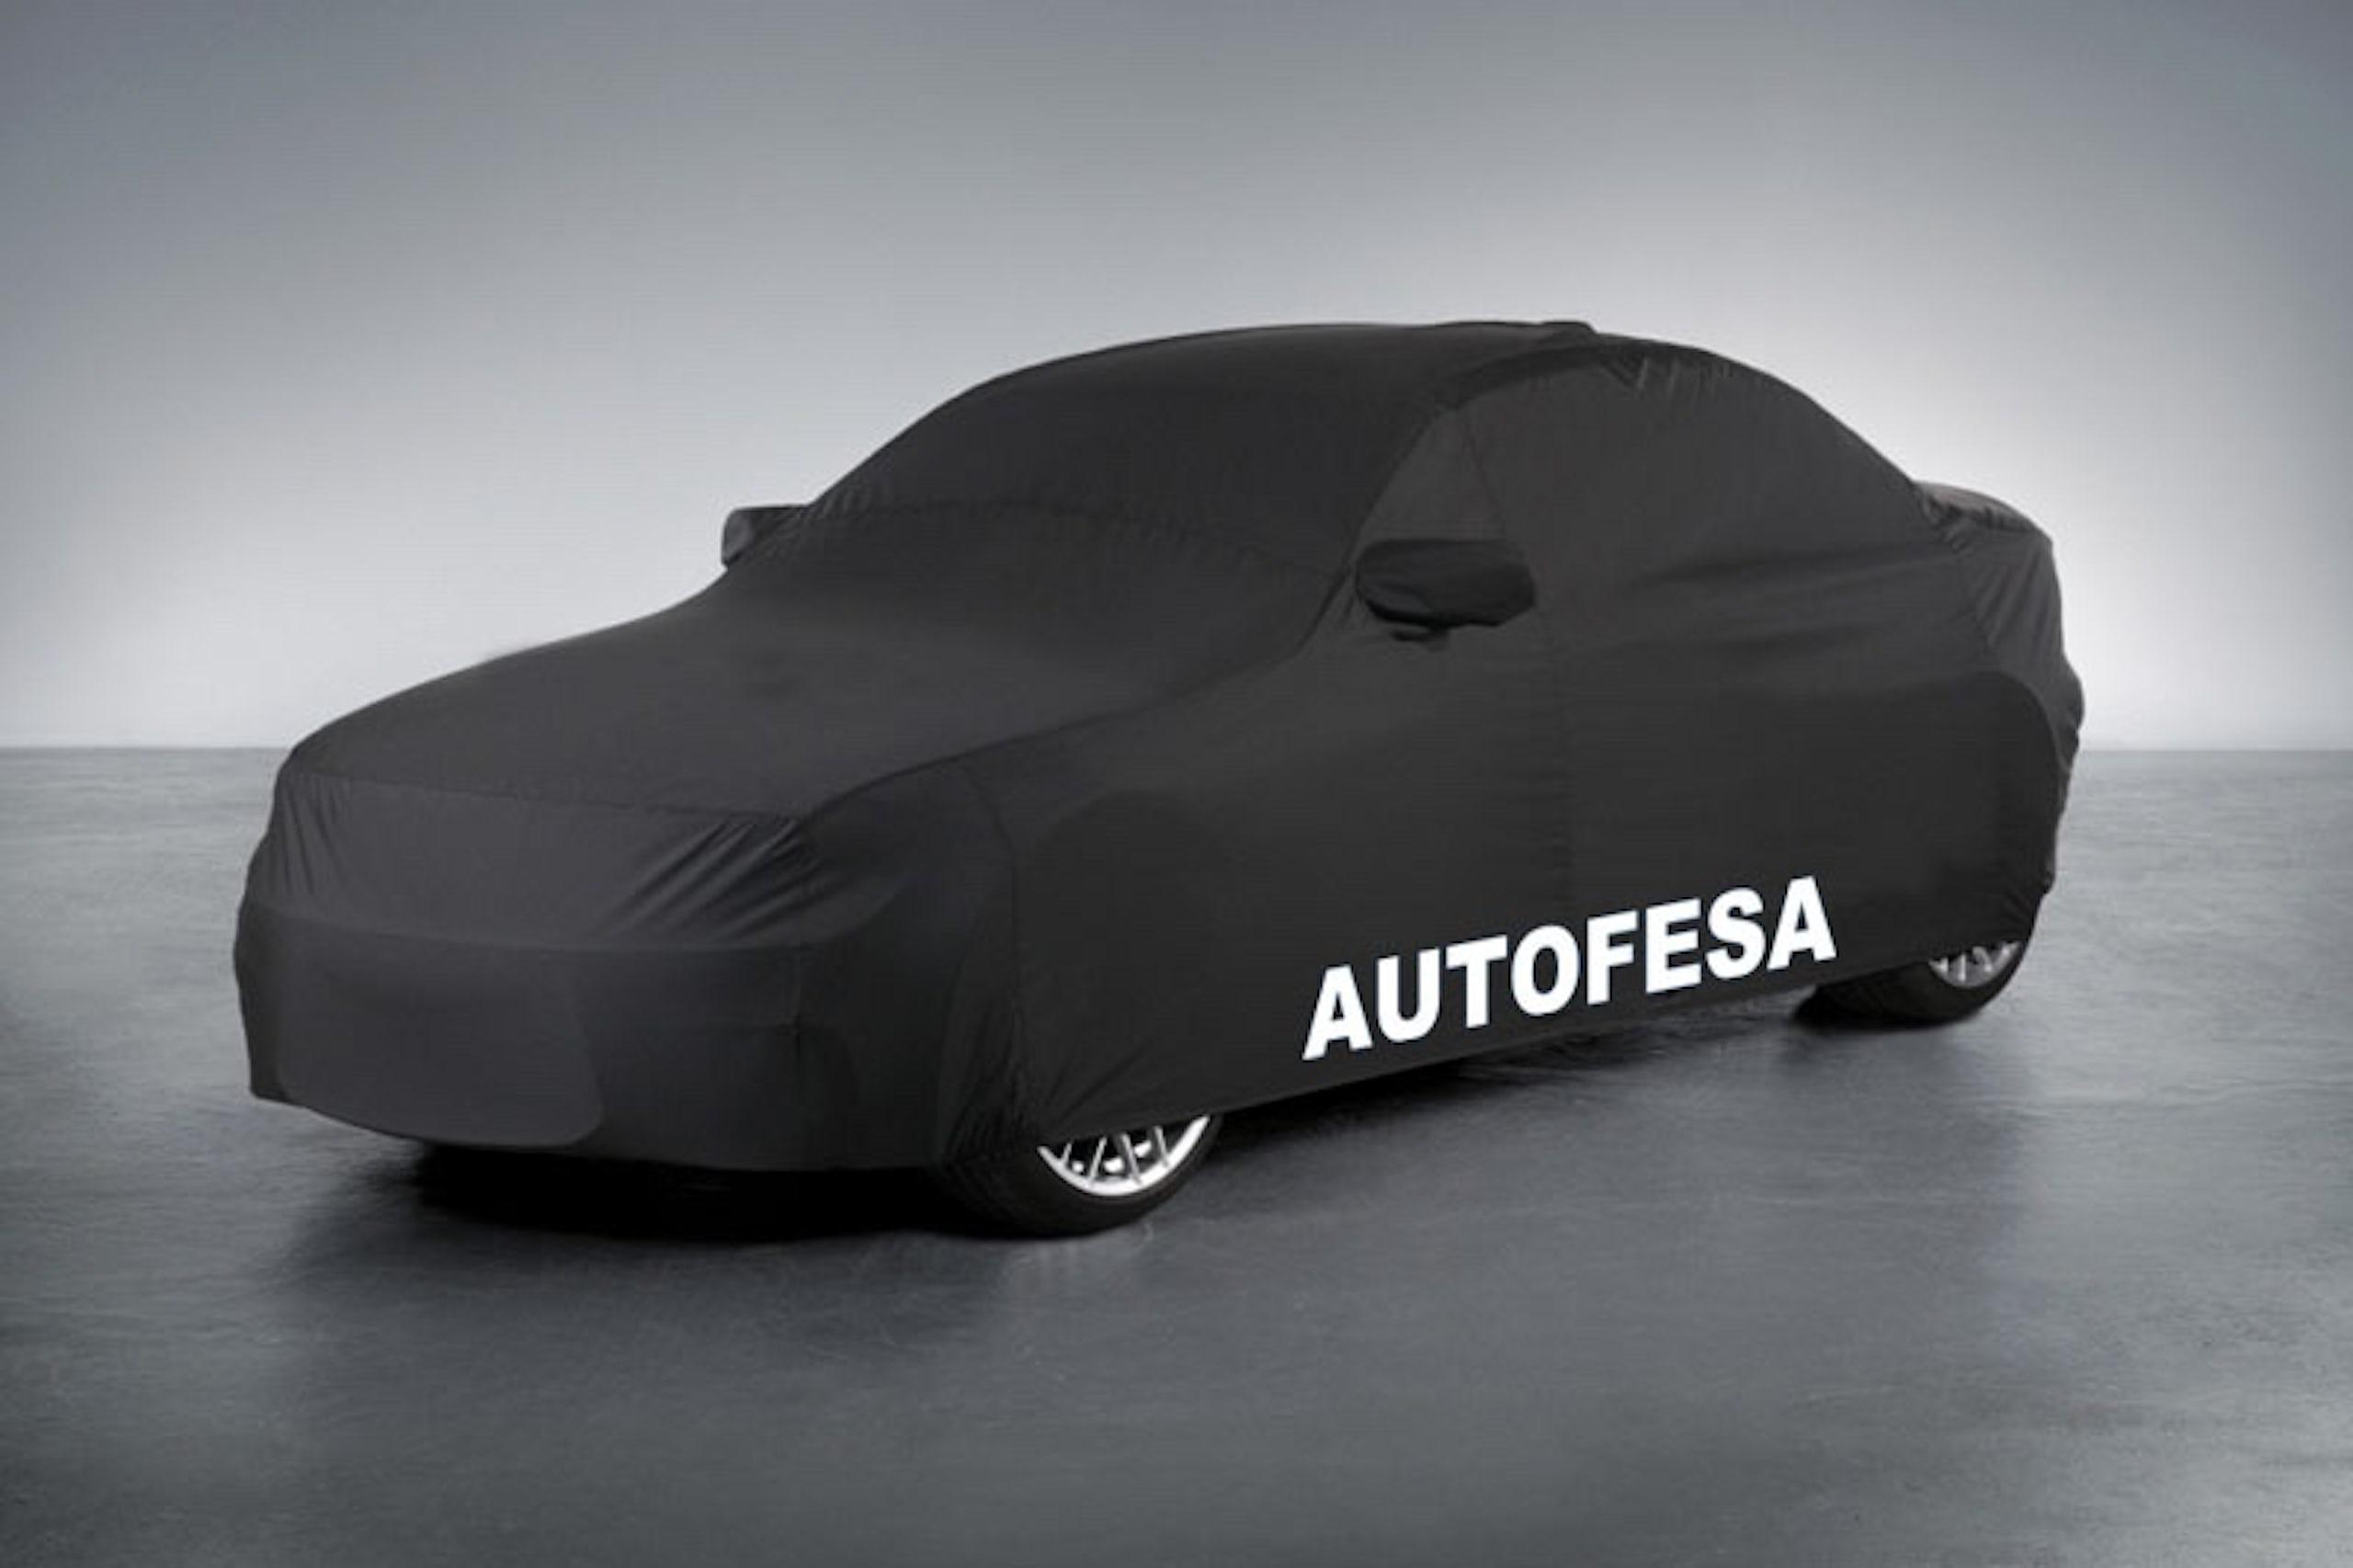 Audi A6 3.0 TDI AVANT 272cv quattro 4p S tronic Auto S/S - Foto 27